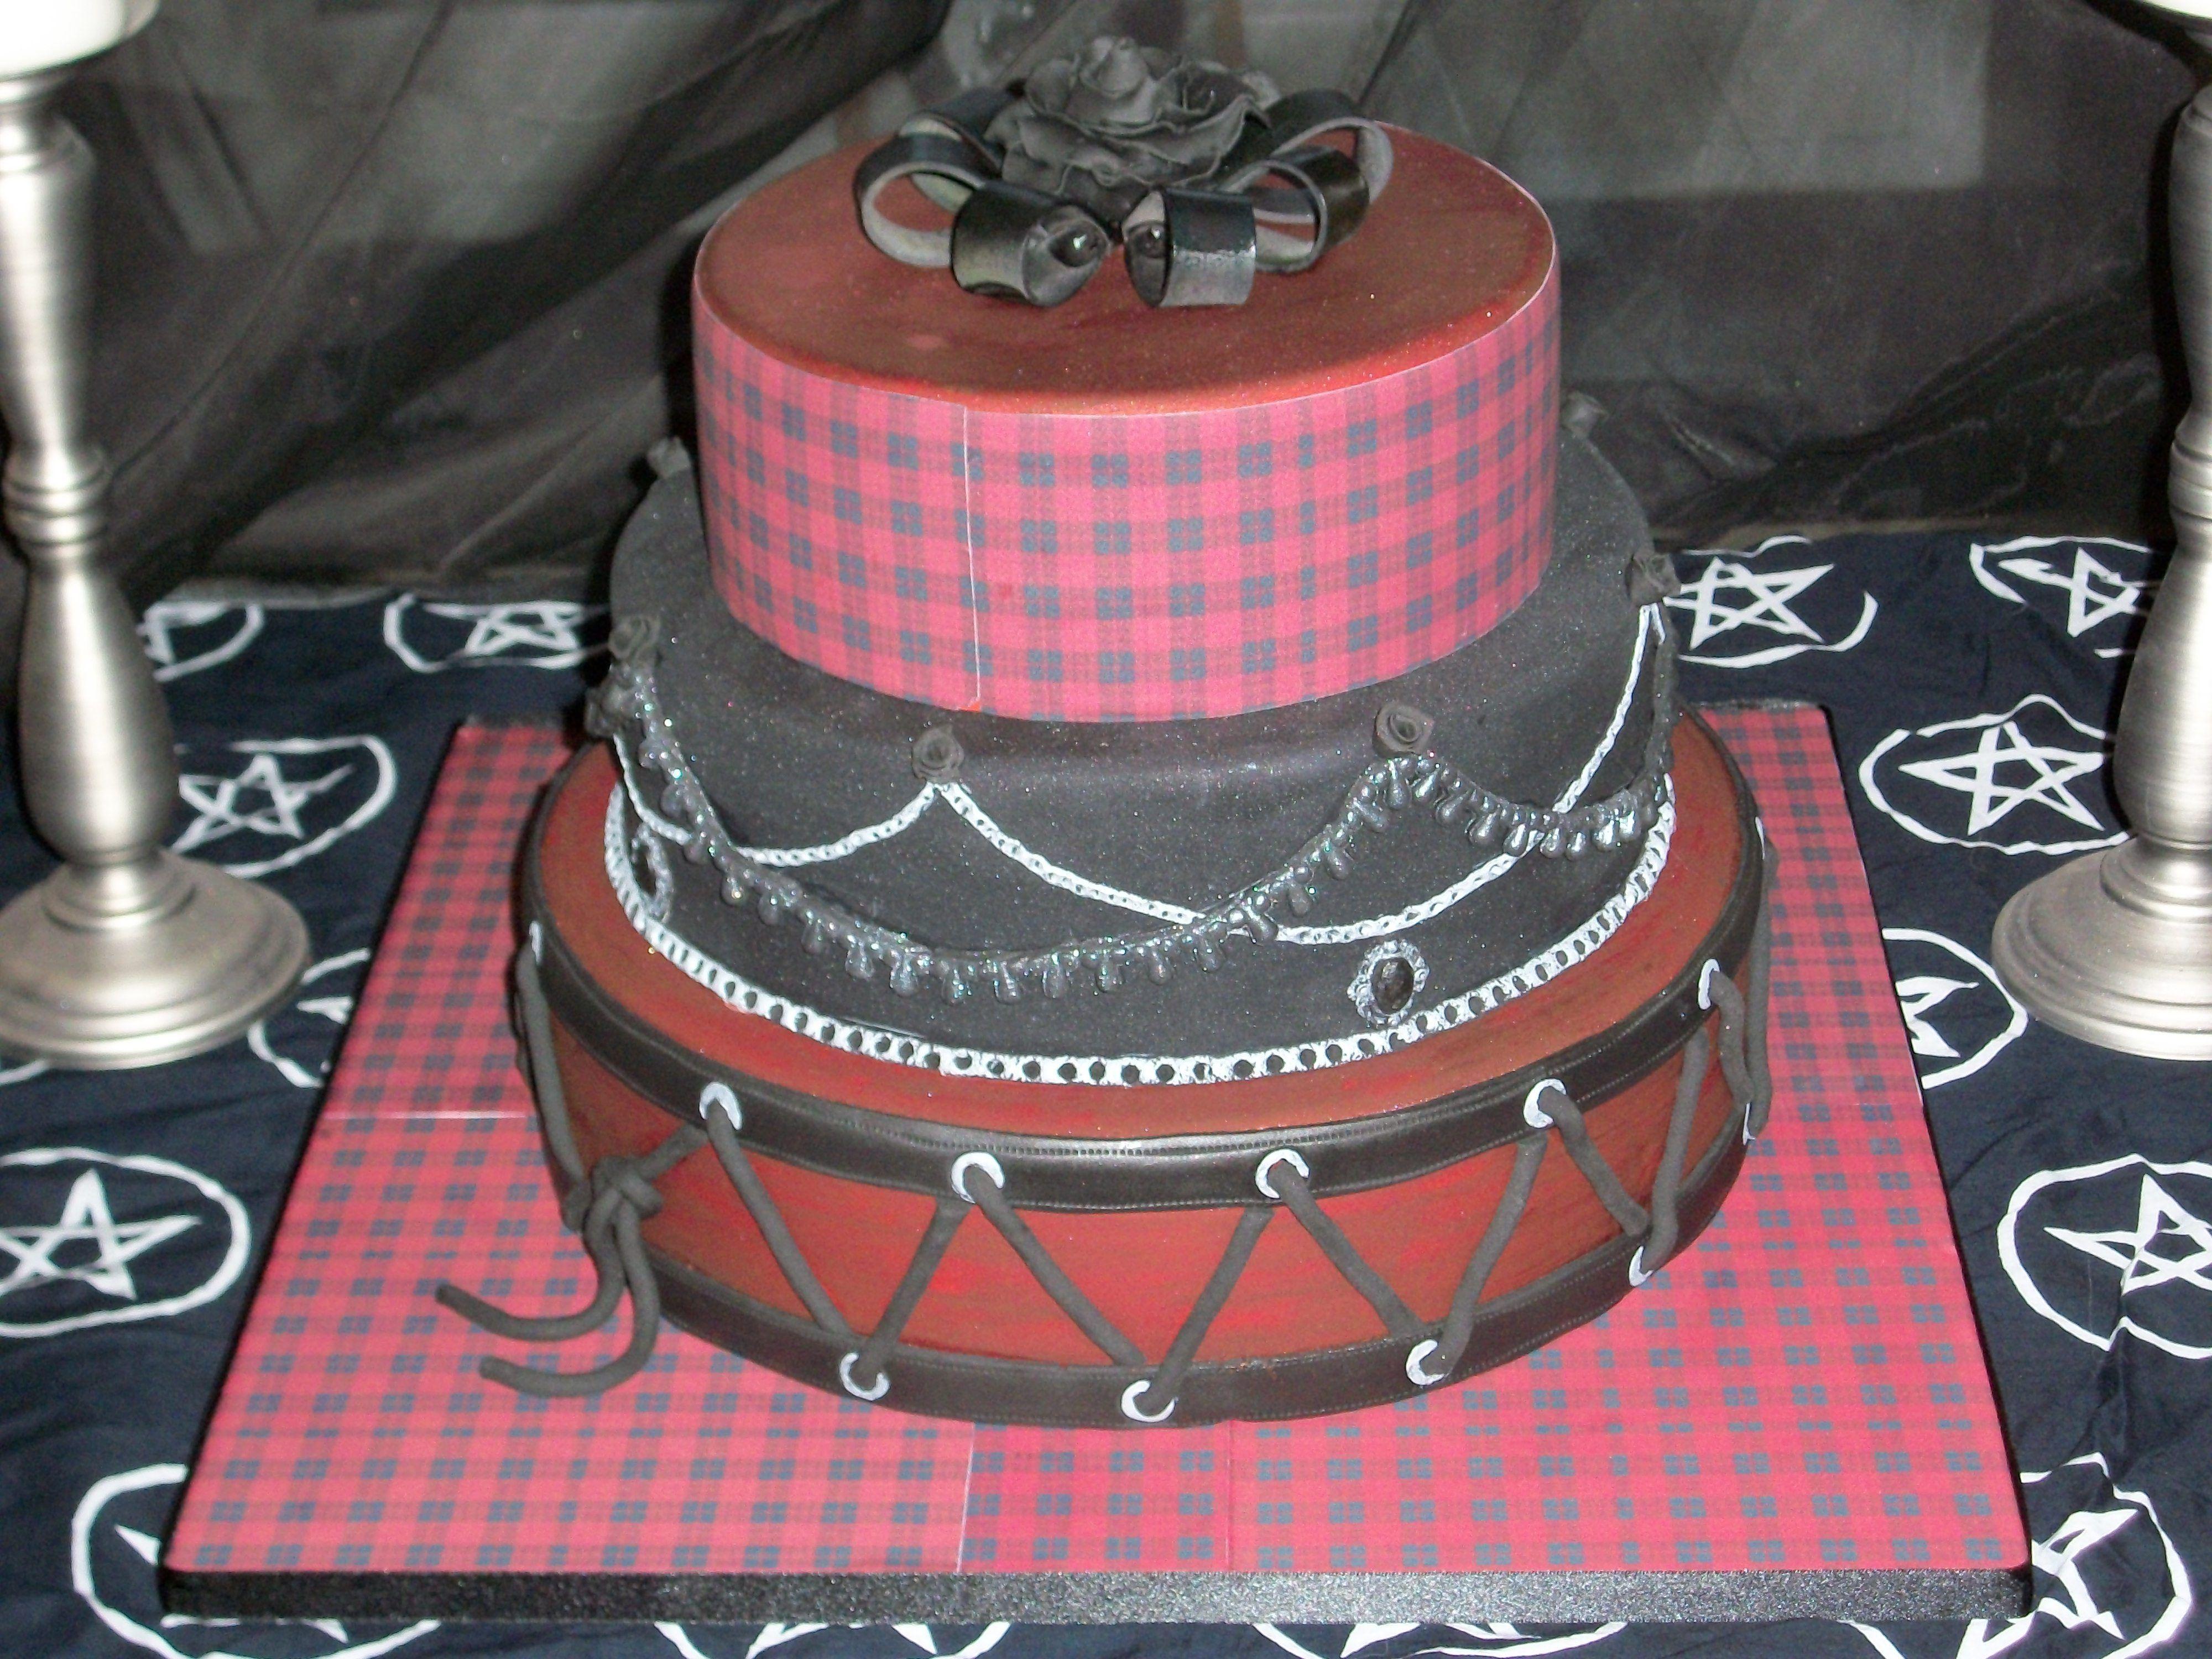 Punk tartan cake | Cake | Pinterest | Tartan, Wedding cake and Weddings